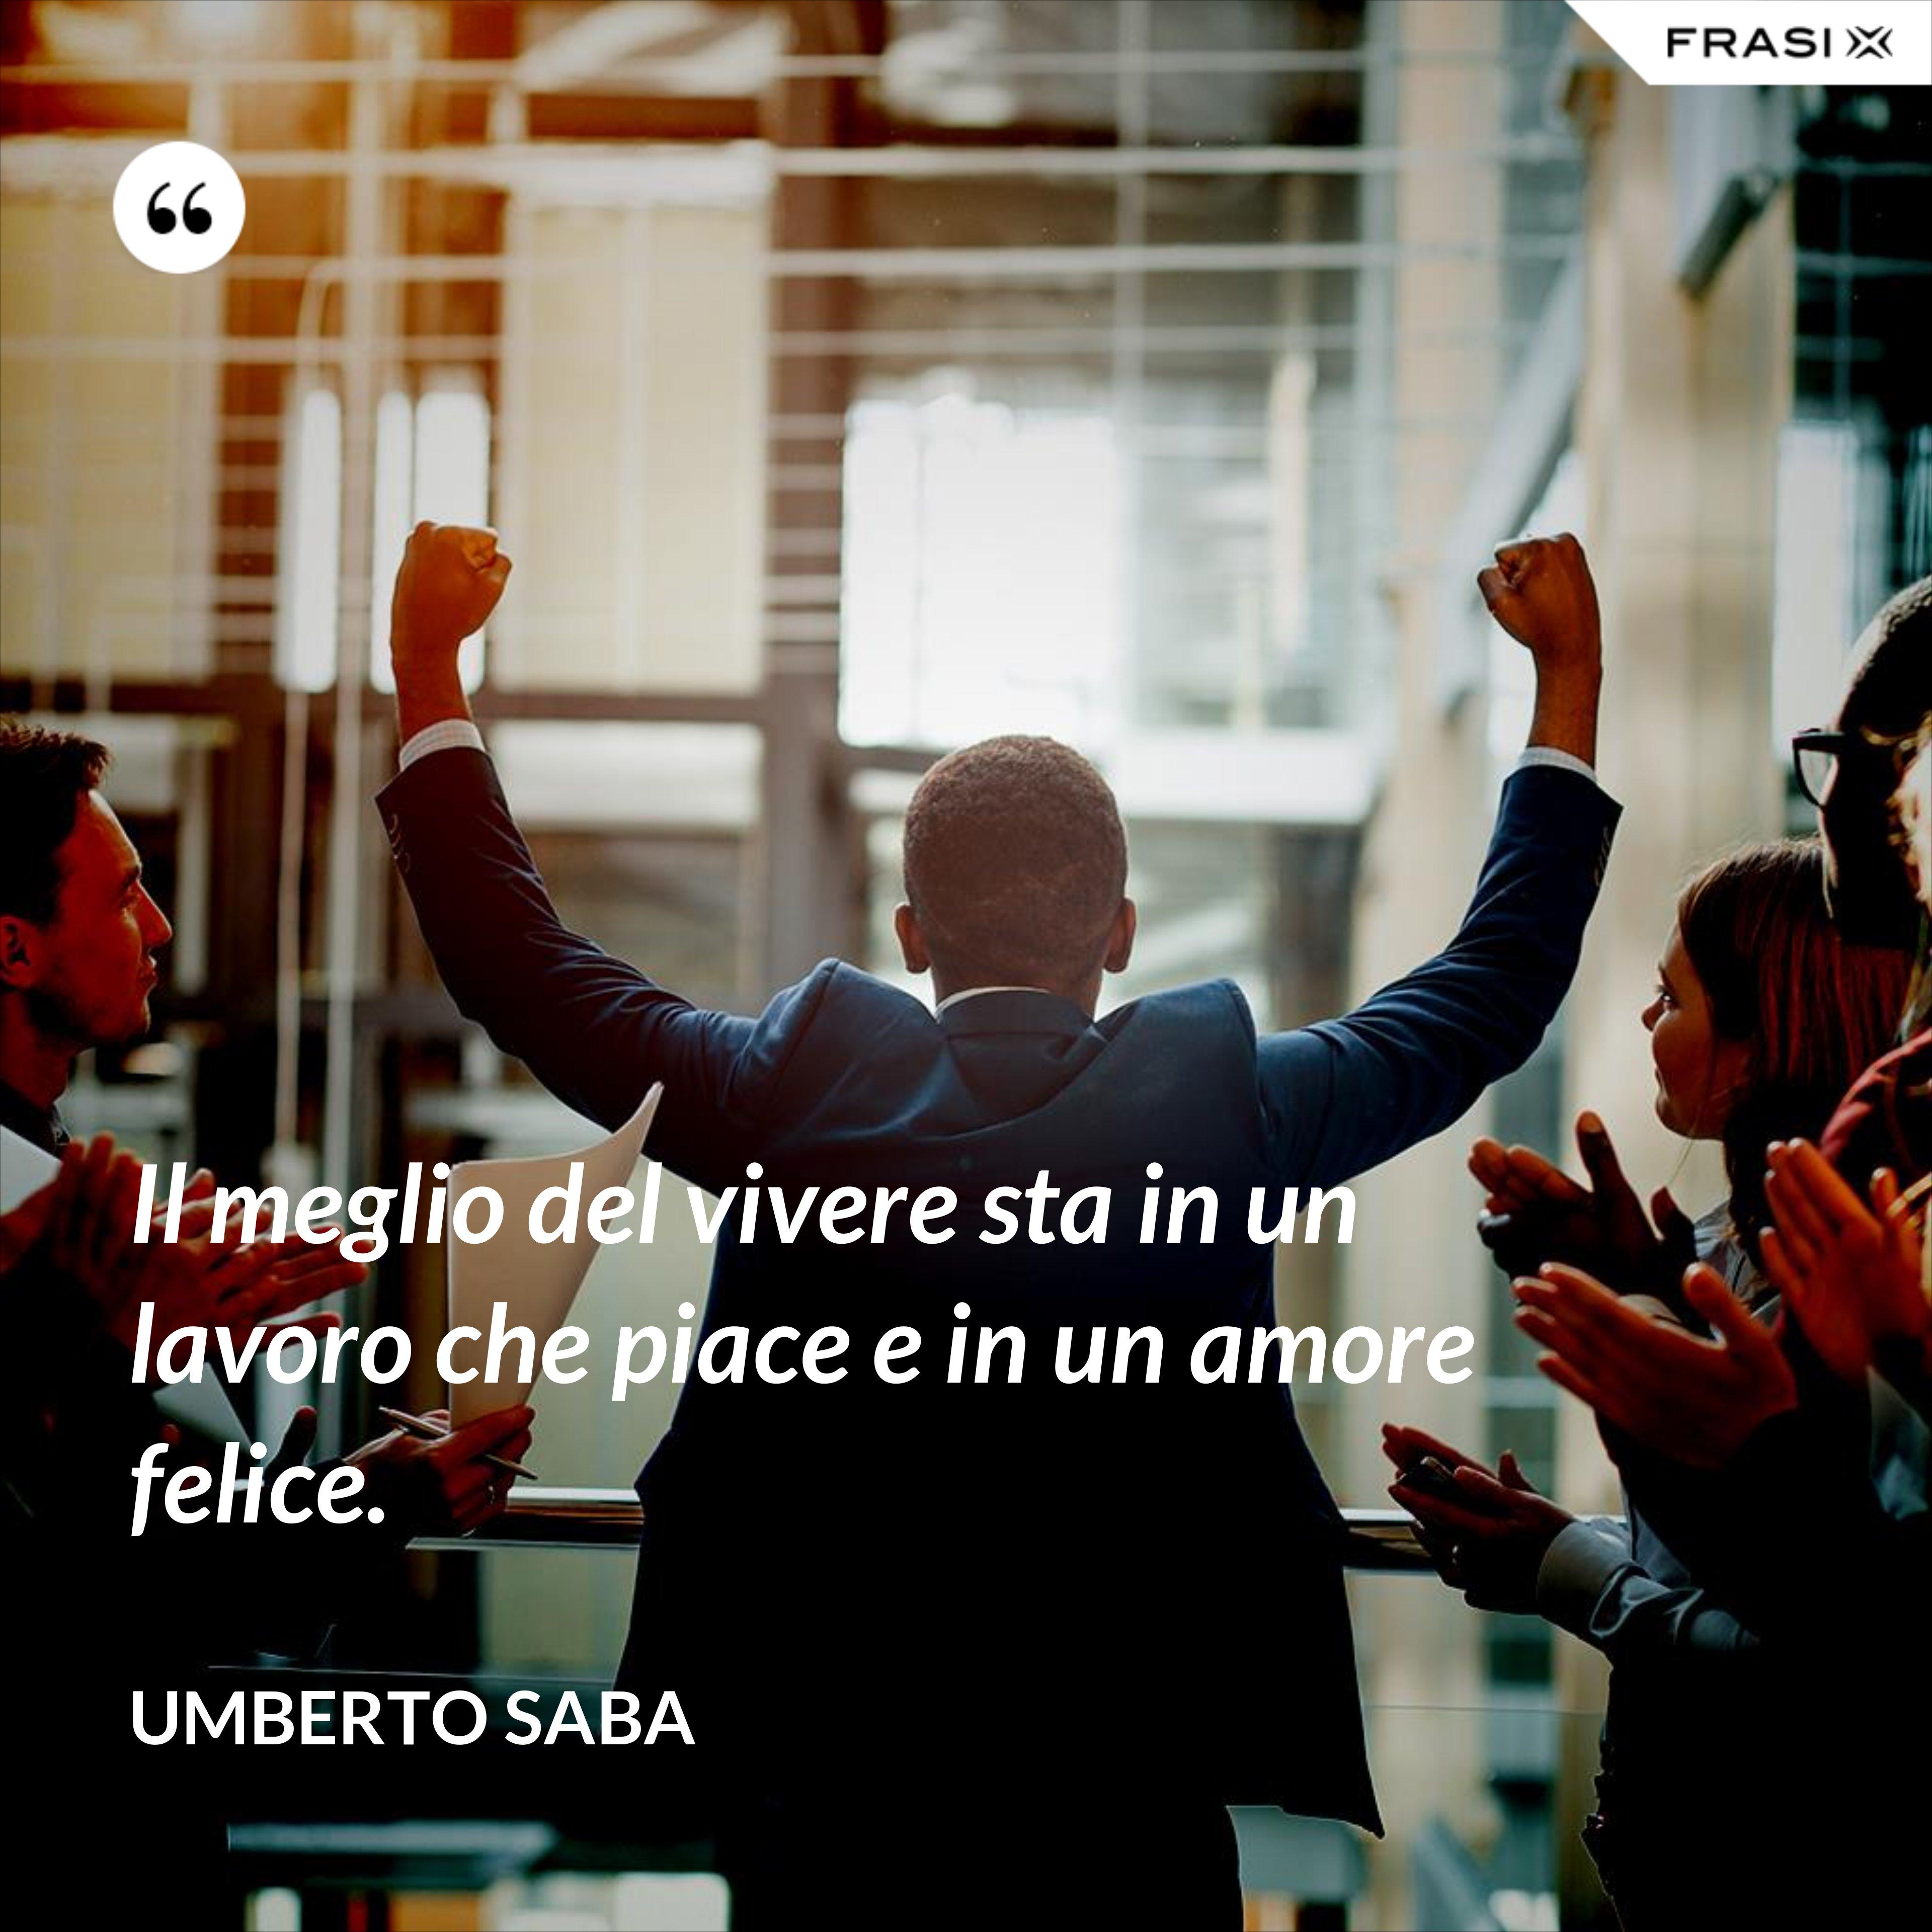 Il meglio del vivere sta in un lavoro che piace e in un amore felice. - Umberto Saba